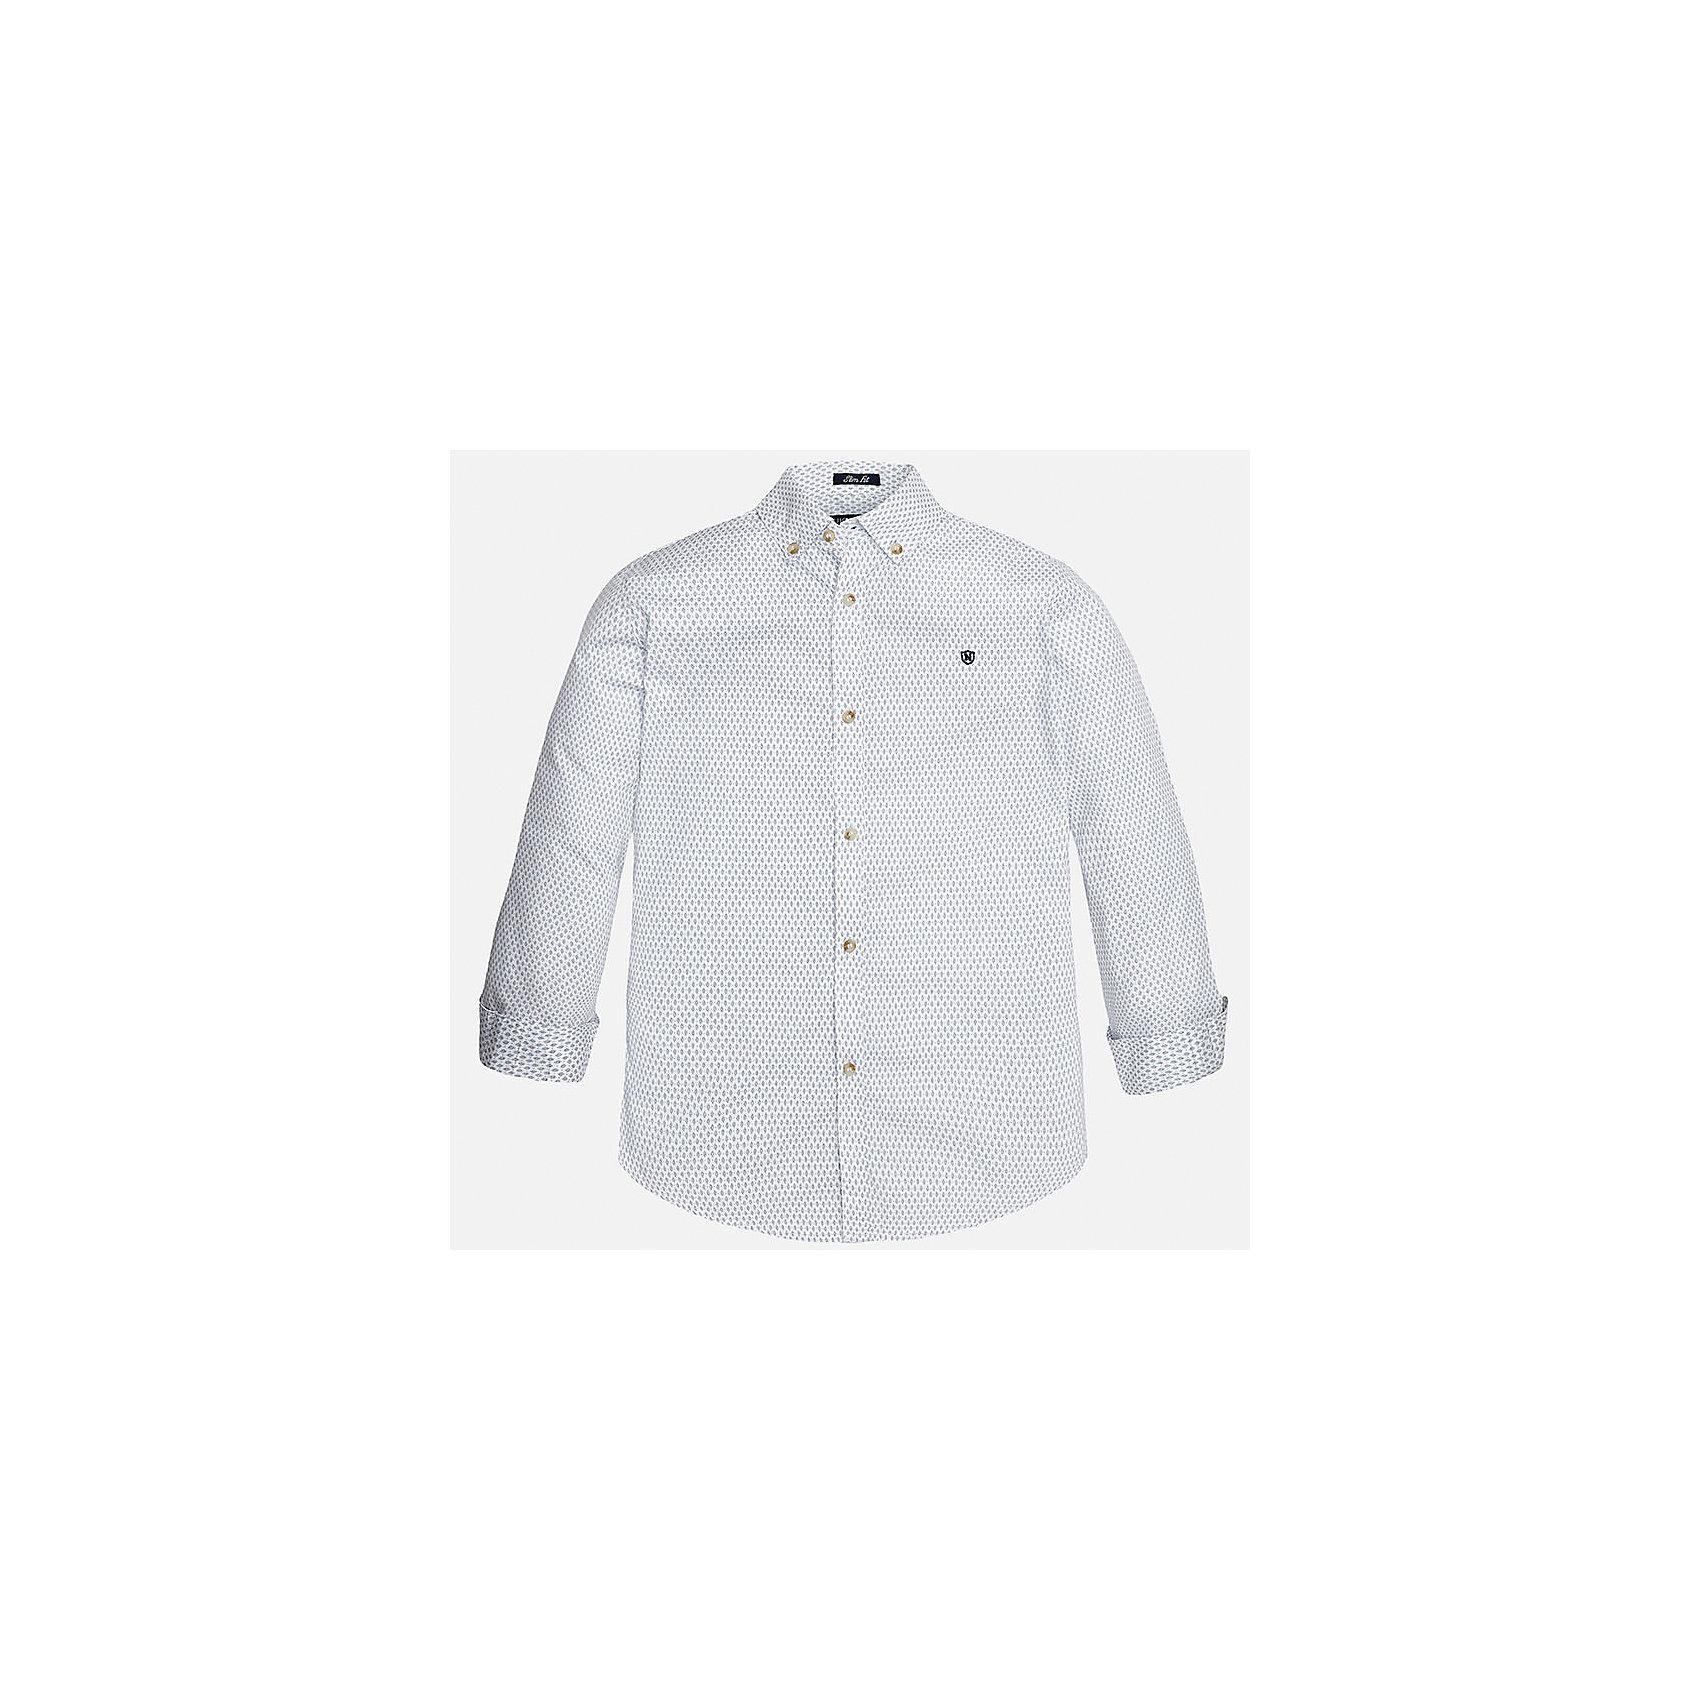 Рубашка для мальчика MayoralБлузки и рубашки<br>Характеристики товара:<br><br>• цвет: белый<br>• состав: 100% хлопок<br>• отложной воротник<br>• декорирована вышивкой на груди<br>• рукава с отворотами<br>• застежки: пуговицы<br>• страна бренда: Испания<br><br>Модная рубашка поможет разнообразить гардероб мальчика. Она отлично сочетается с брюками, шортами, джинсами. Универсальный крой и цвет позволяет подобрать к вещи низ разных расцветок. Практичное и стильное изделие! Хорошо смотрится и комфортно сидит на детях. В составе материала - только натуральный хлопок, гипоаллергенный, приятный на ощупь, дышащий. <br><br>Одежда, обувь и аксессуары от испанского бренда Mayoral полюбились детям и взрослым по всему миру. Модели этой марки - стильные и удобные. Для их производства используются только безопасные, качественные материалы и фурнитура. Порадуйте ребенка модными и красивыми вещами от Mayoral! <br><br>Рубашку для мальчика от испанского бренда Mayoral (Майорал) можно купить в нашем интернет-магазине.<br><br>Ширина мм: 174<br>Глубина мм: 10<br>Высота мм: 169<br>Вес г: 157<br>Цвет: белый<br>Возраст от месяцев: 84<br>Возраст до месяцев: 96<br>Пол: Мужской<br>Возраст: Детский<br>Размер: 128/134,152,170,158,140,164<br>SKU: 5281666